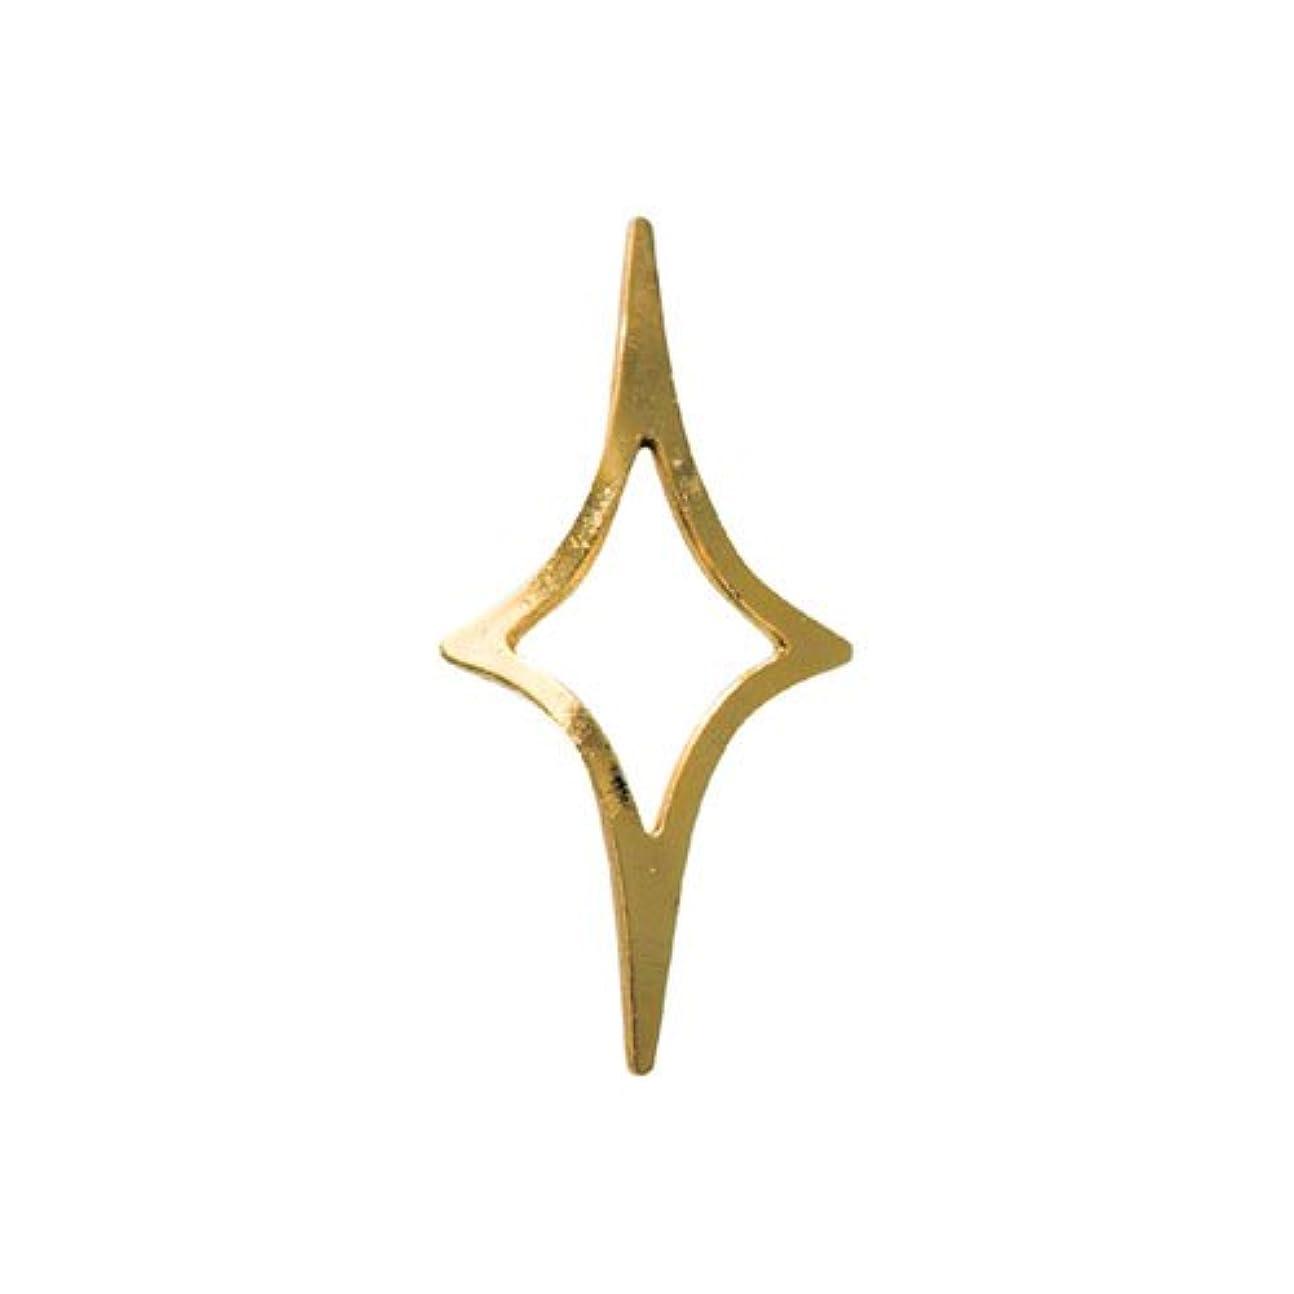 乳本イベントリトルプリティー ネイルアートパーツ キラキラ2 3S ゴールド 20個